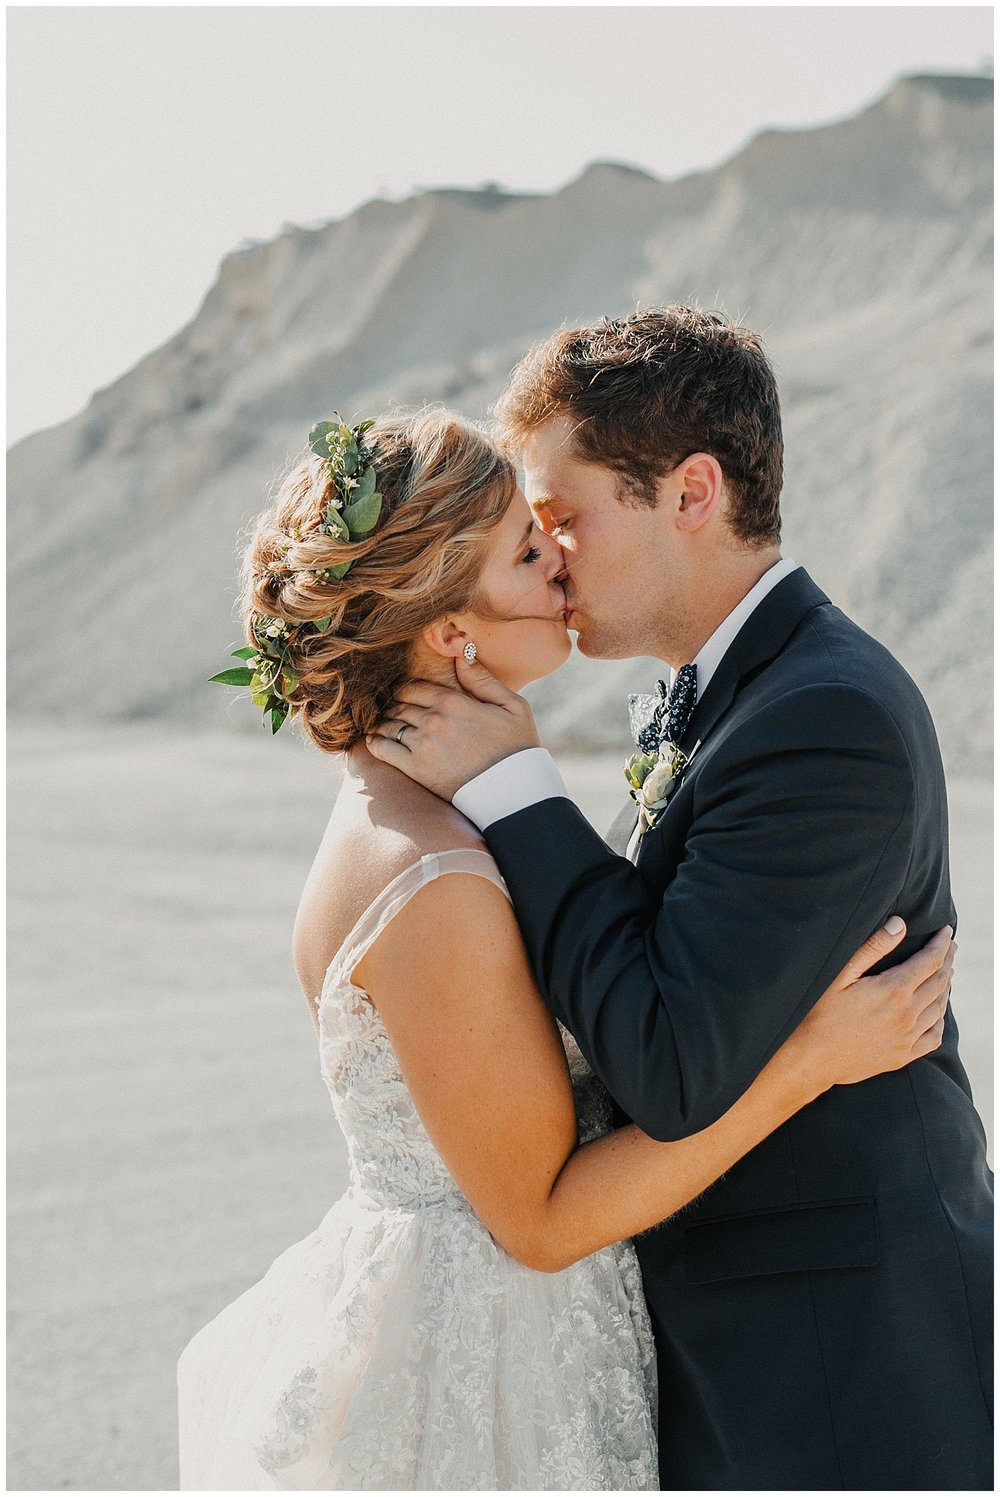 lindybeth photography - sievers wedding - hope college - boatwerks - blog-216.jpg